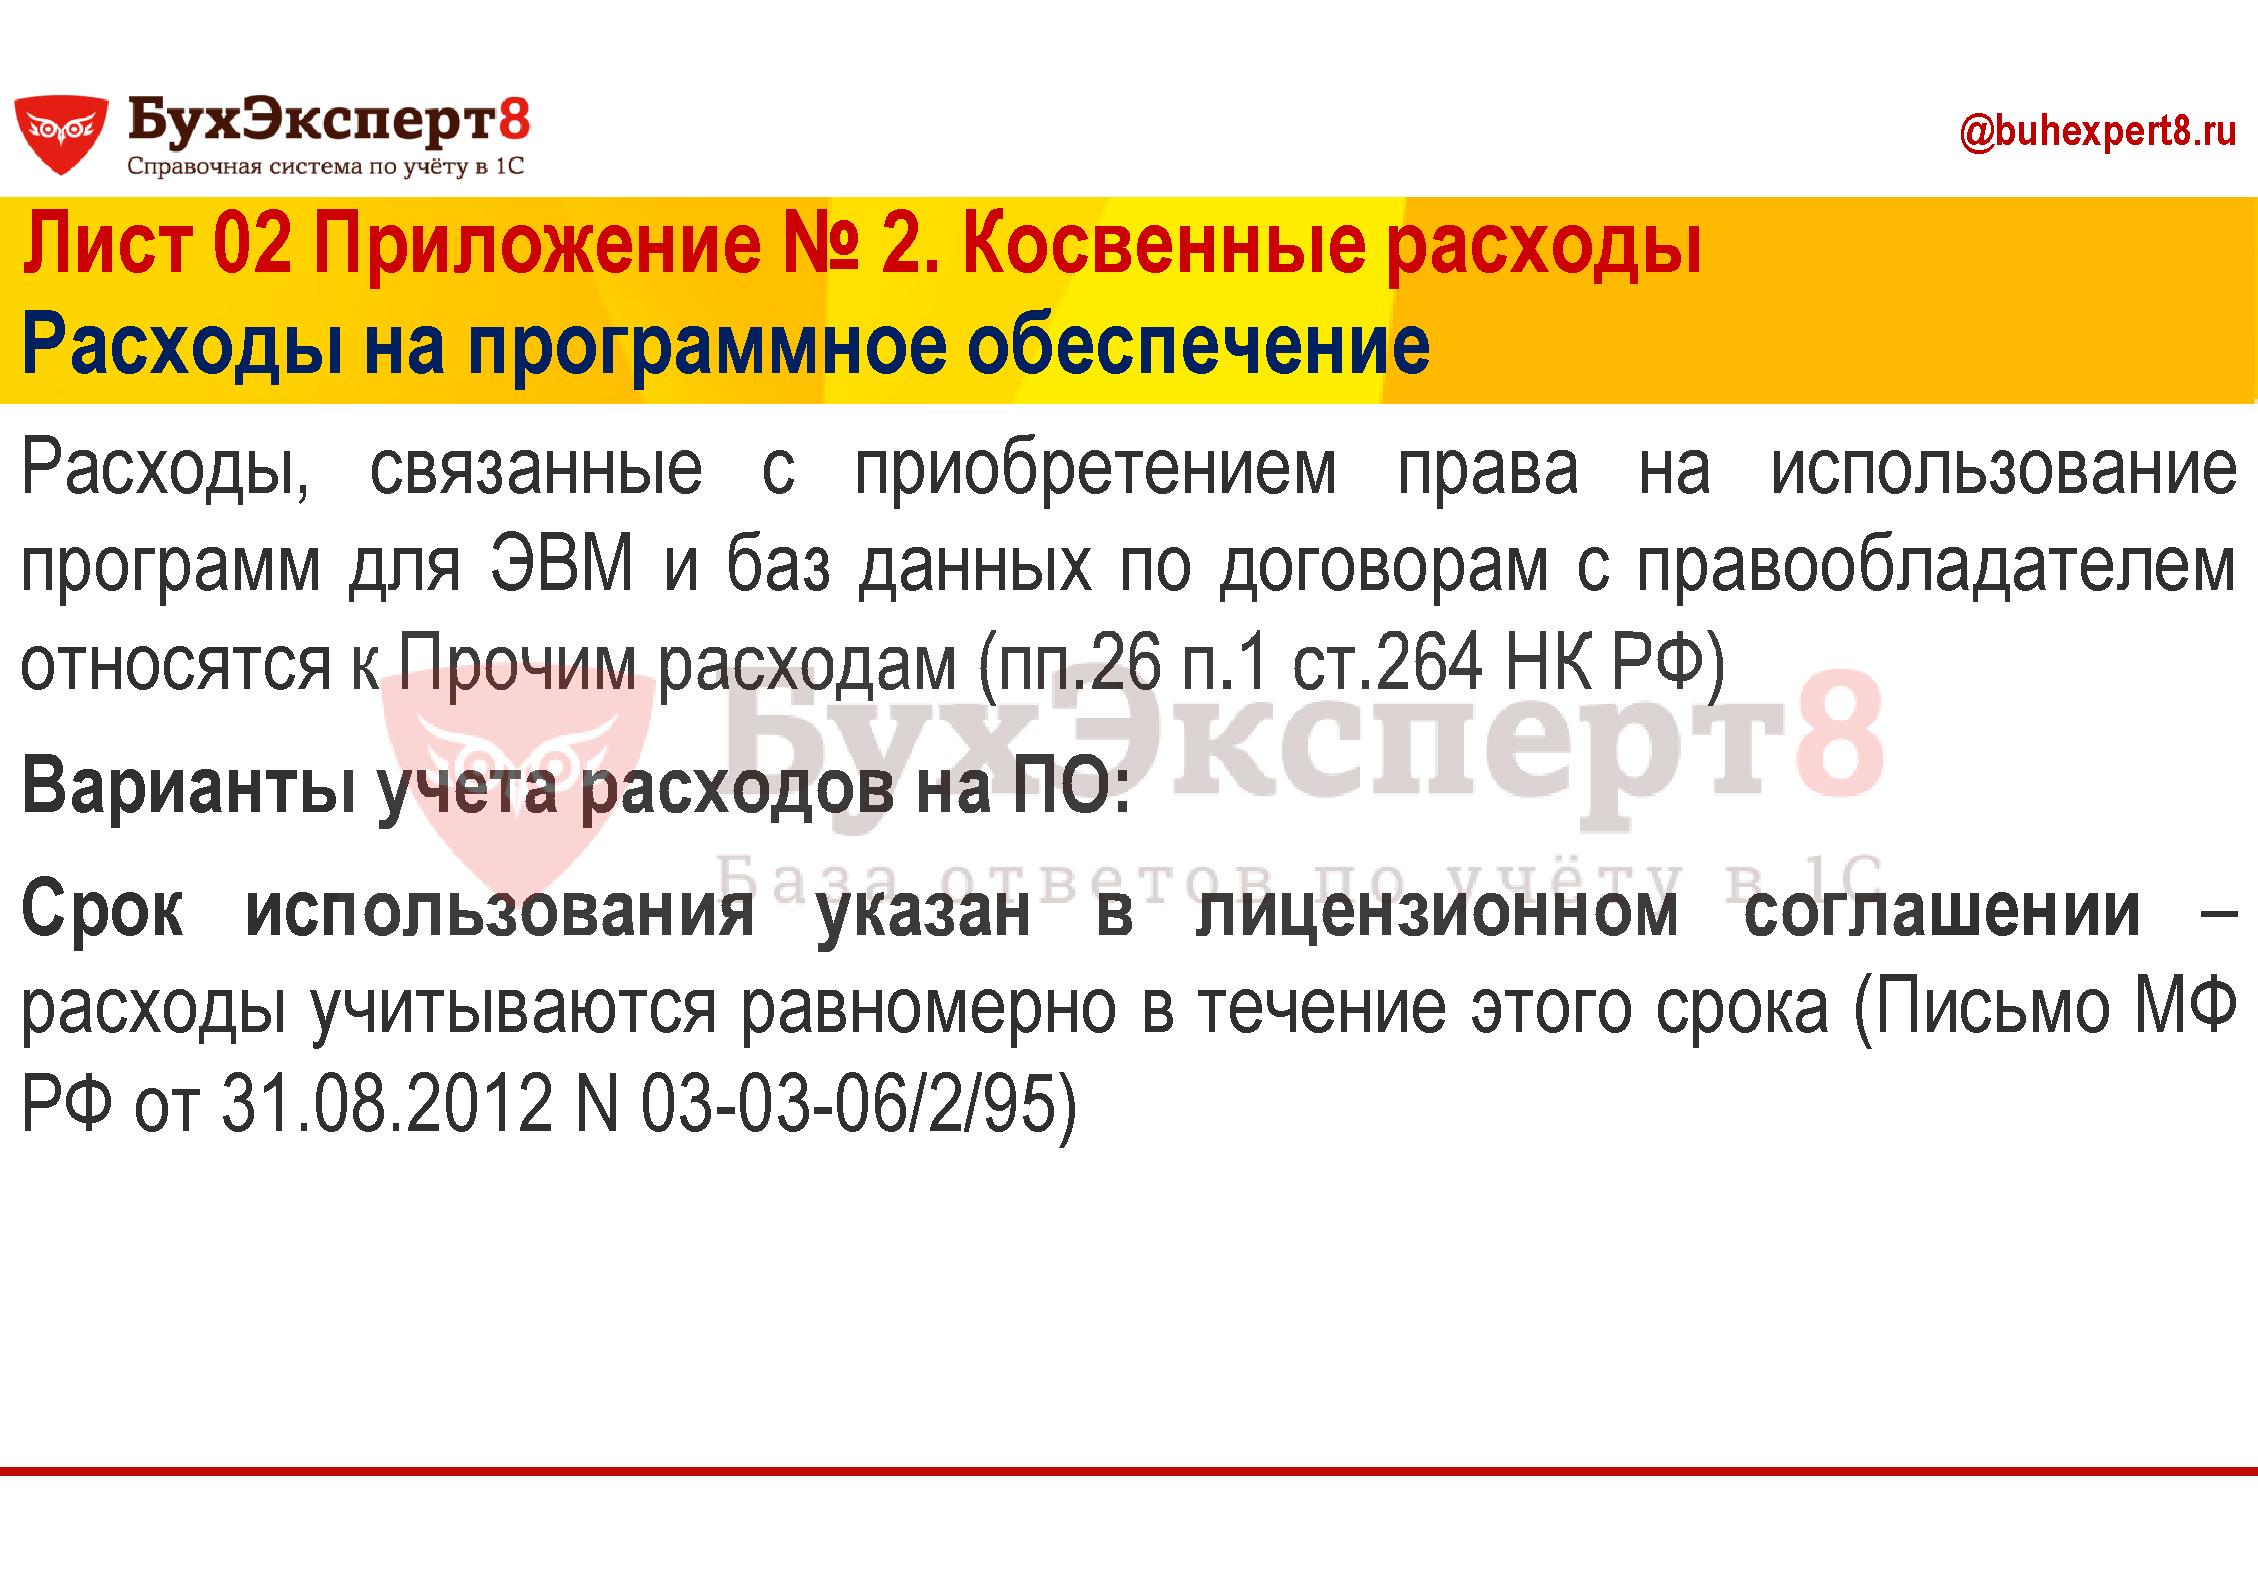 Расходы, связанные с приобретением права на использование программ для ЭВМ и баз данных по договорам с правообладателем относятся к Прочим расходам (пп.26 п.1 ст.264 НК РФ) Варианты учета расходов на ПО: Срок использования указан в лицензионном соглашении – расходы учитываются равномерно в течение этого срока (Письмо МФ РФ от 31.08.2012 N 03-03-06/2/95)